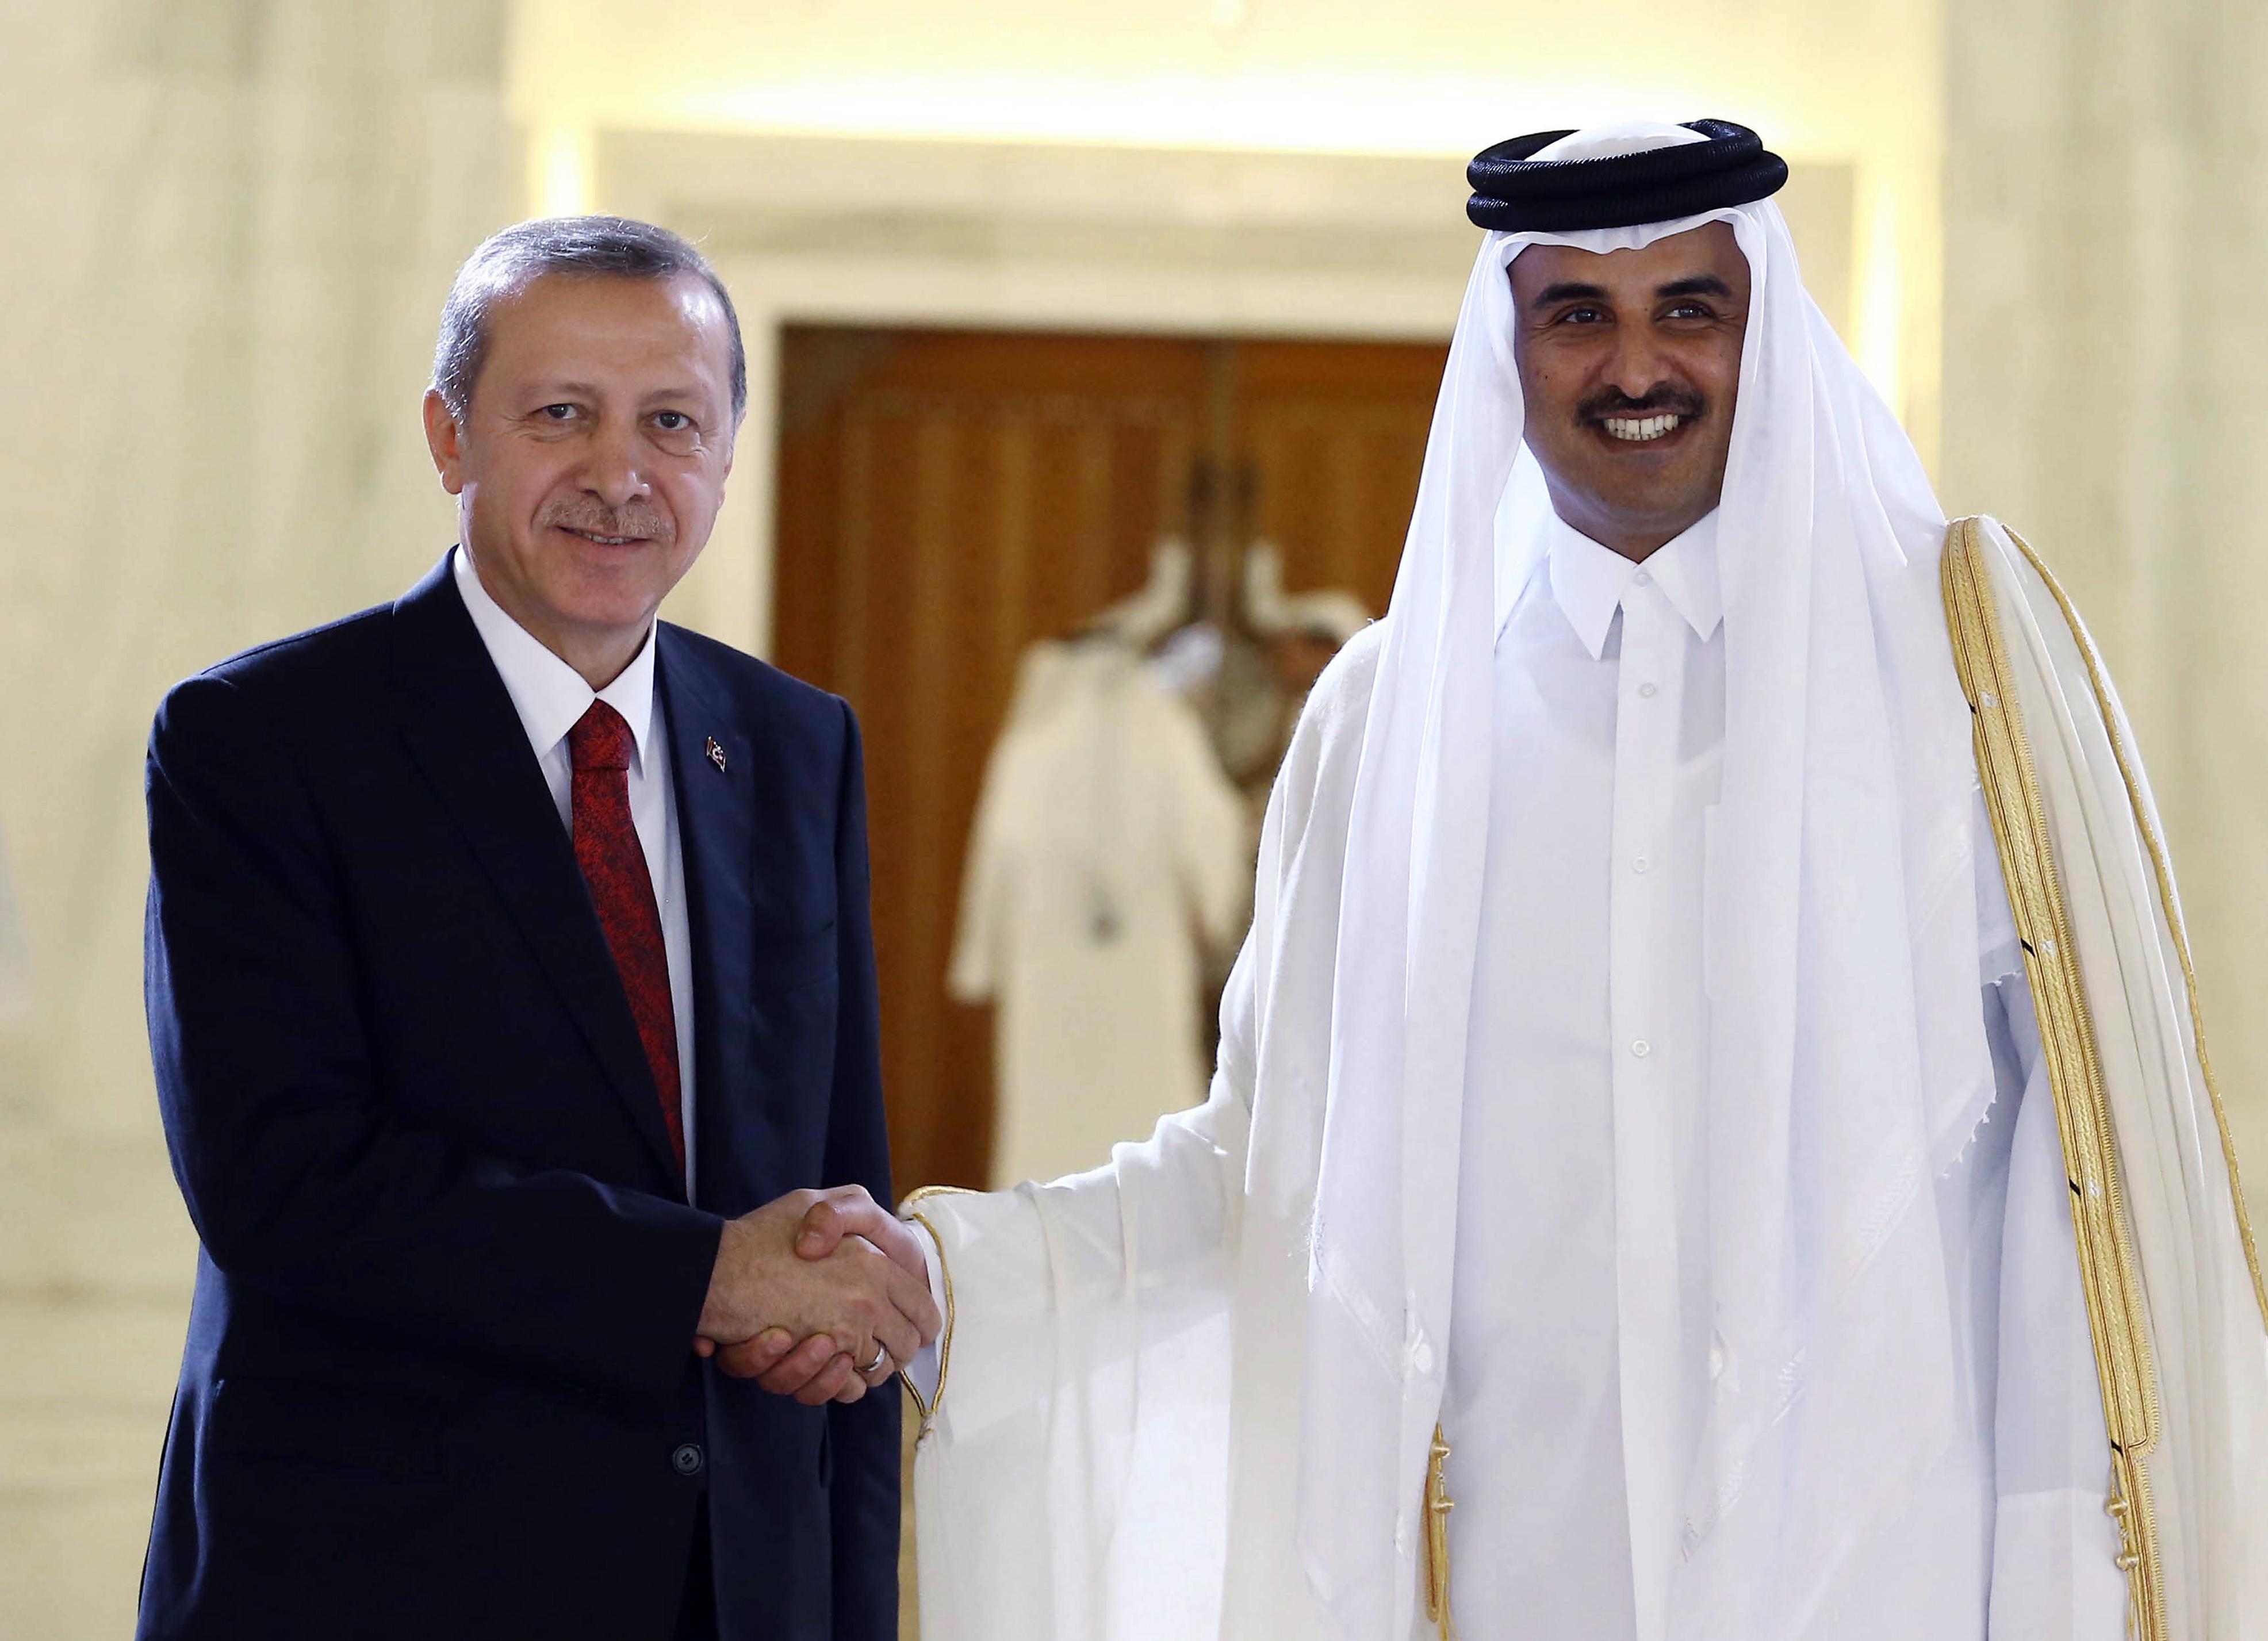 Recep Tayyip Erdogan, Tamim bin Hamad Al Thani